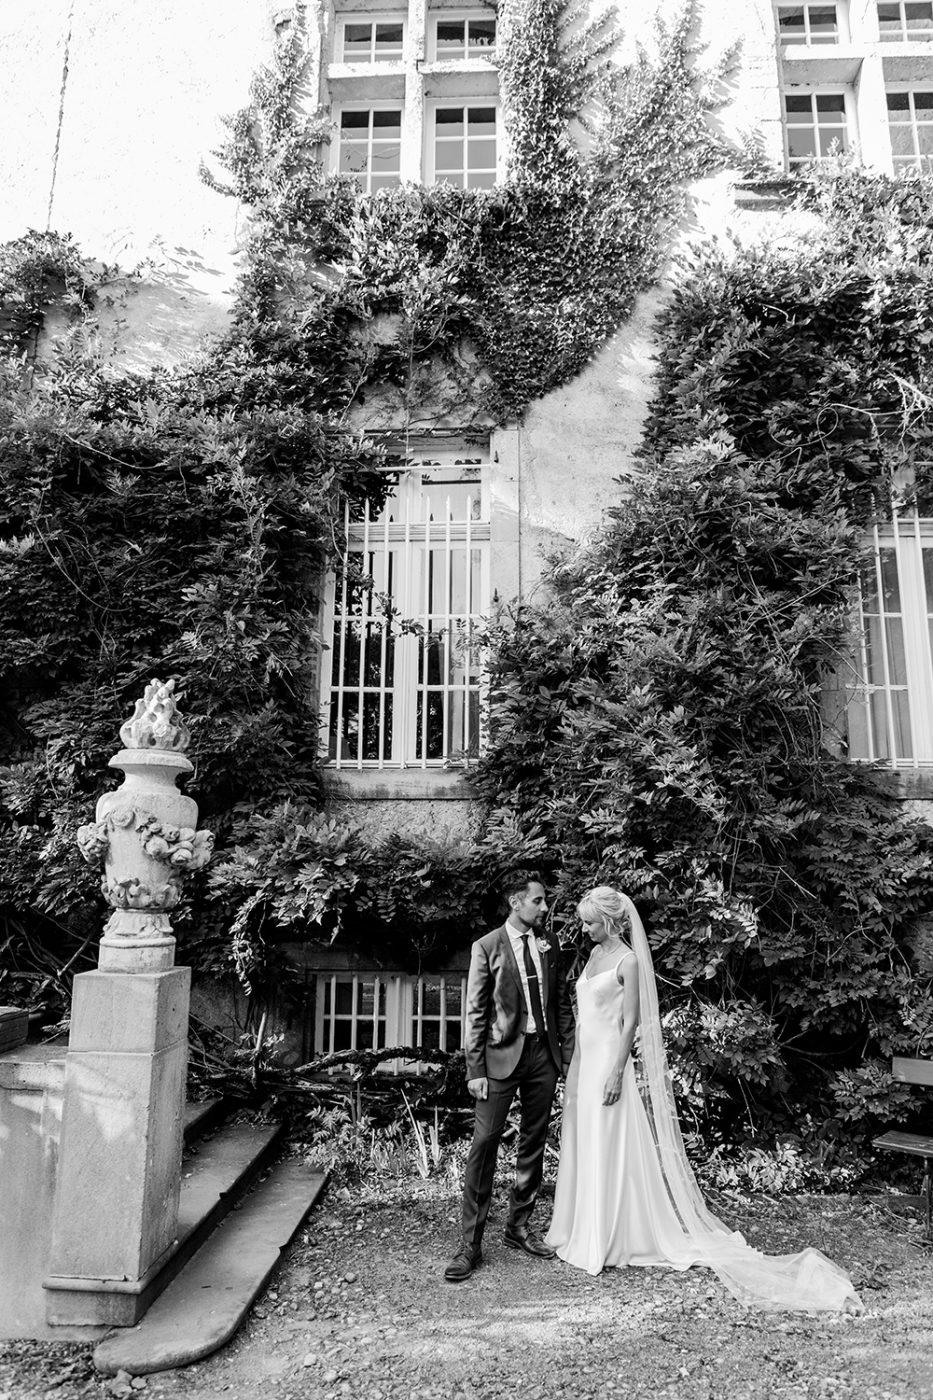 Magnifique couple de mariés devant le chateau / Beautiful bride and groom in front of the castle